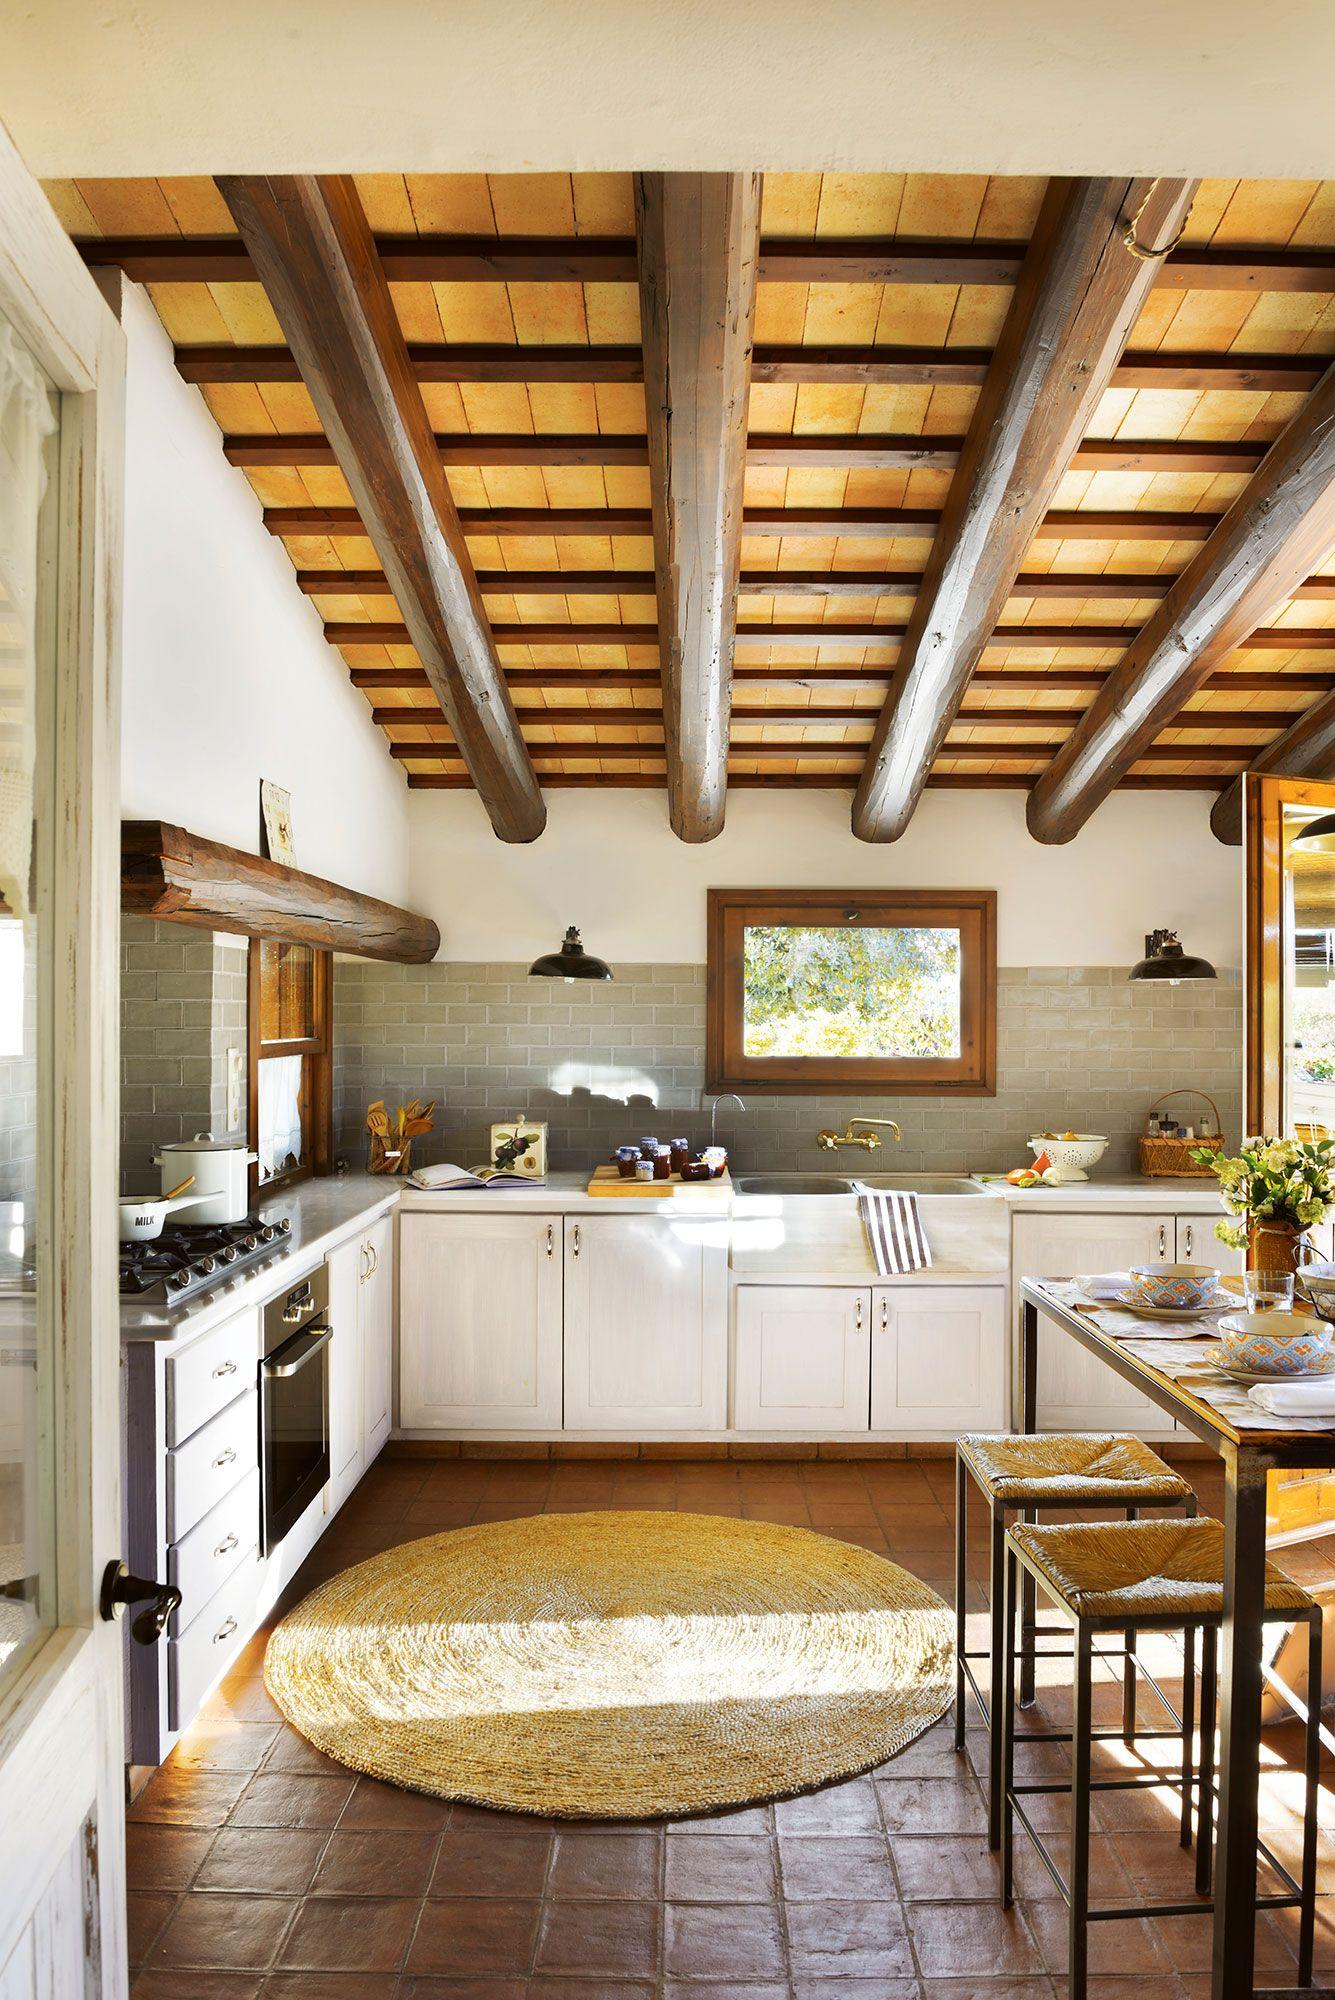 Cocina r stico com vigas de madera suelo de barro y - Muebles casa de campo ...